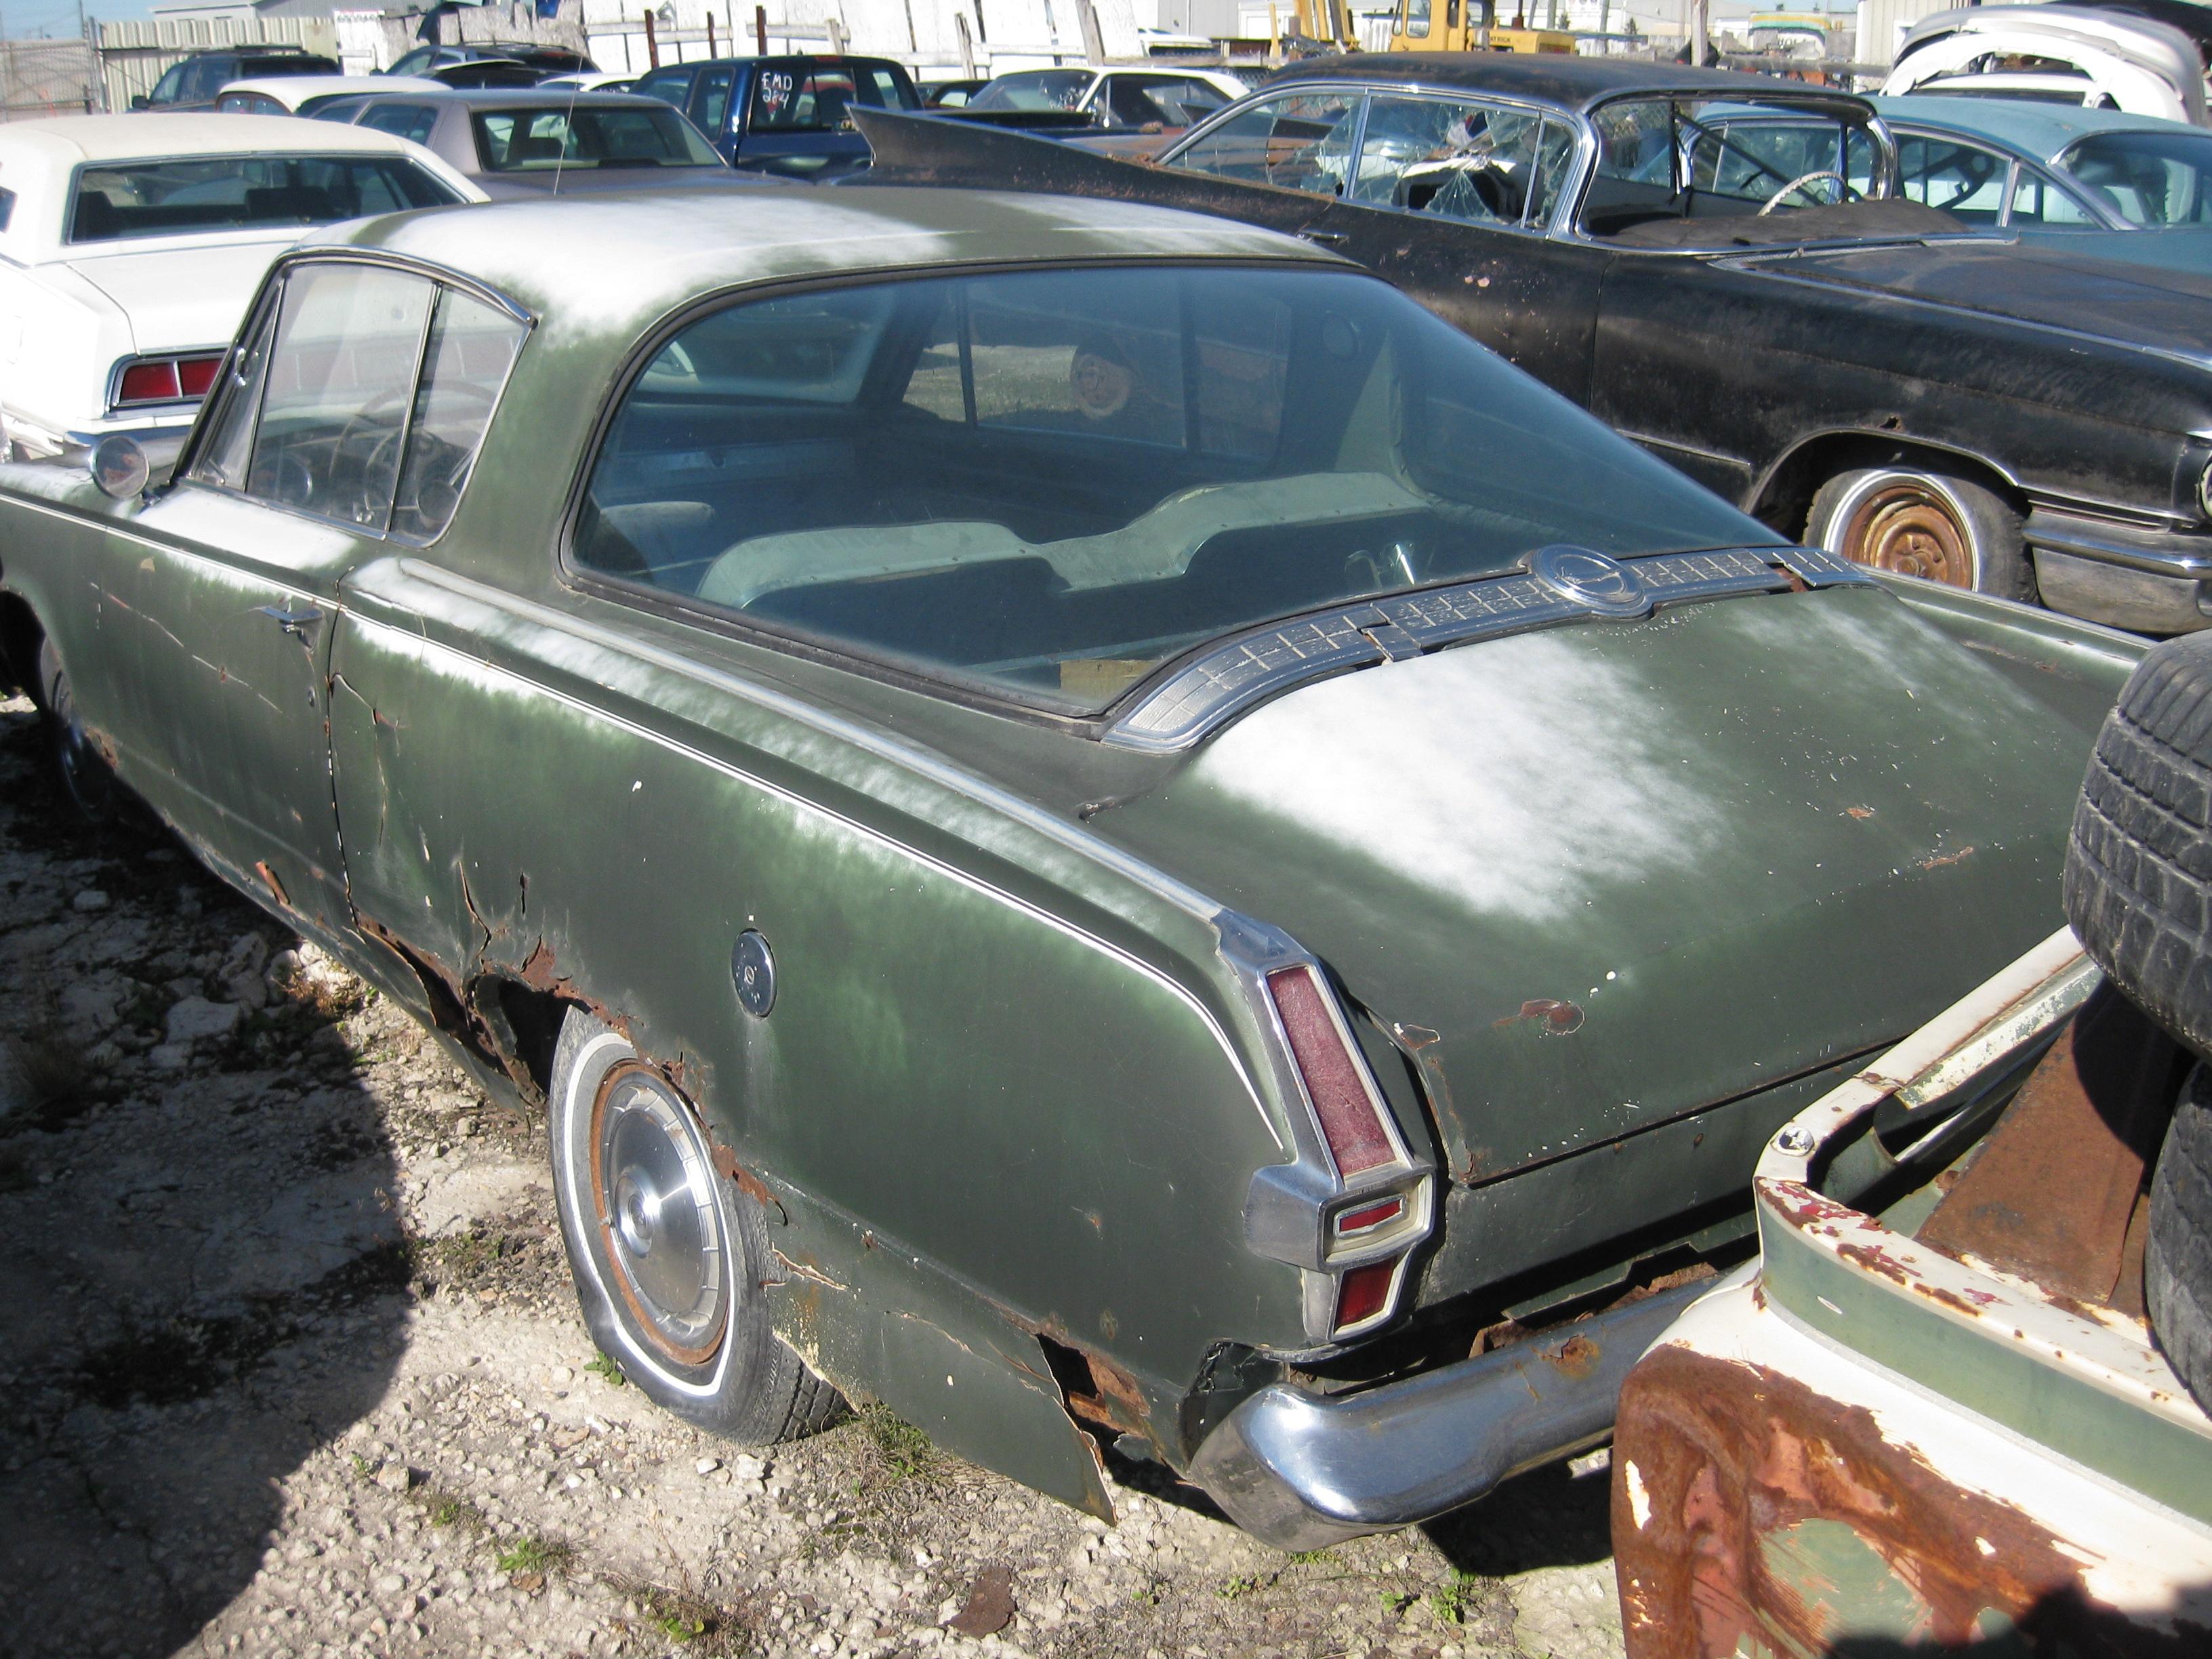 Sell Complete for Restoration: 1966 Barracuda 2 Dr H/T-Slant 6 Motor